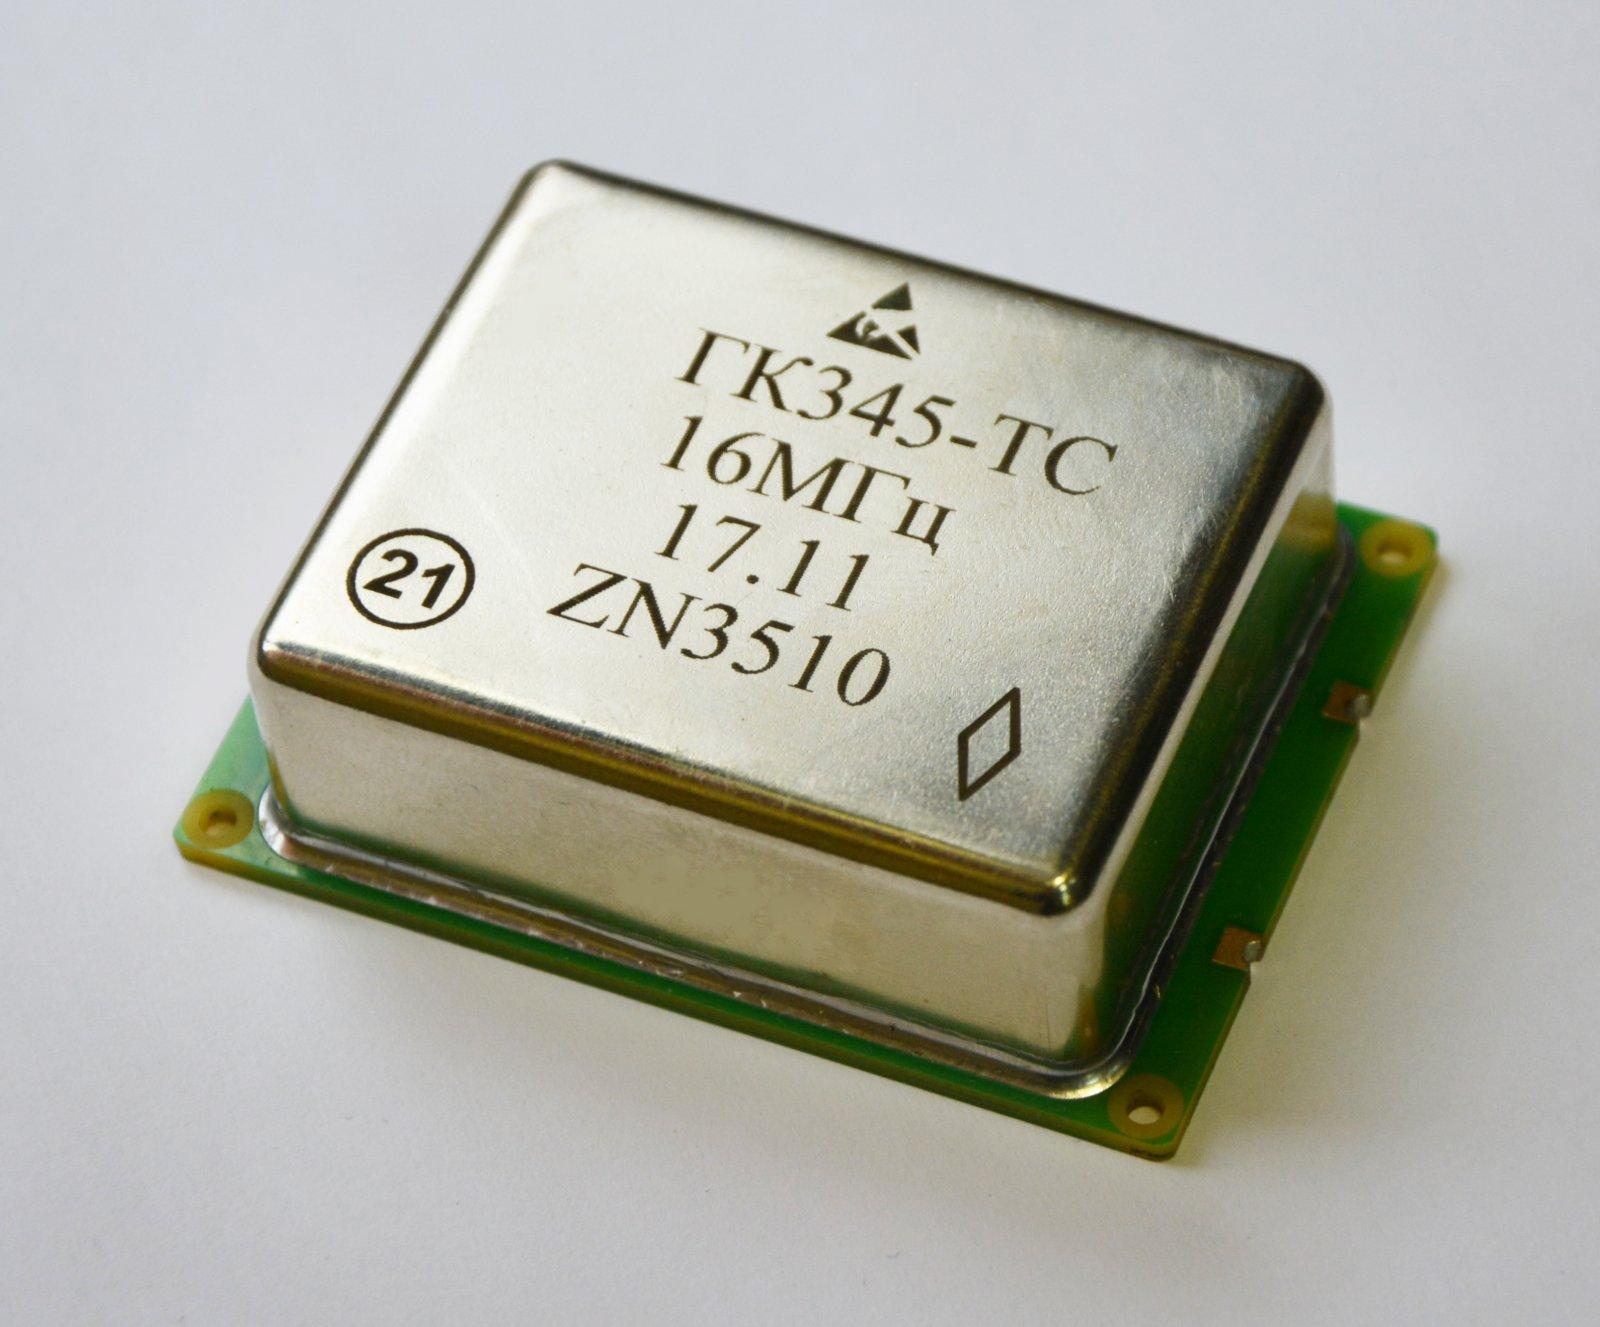 Прецизионный термостатированный кварцевый генератор ГК345-ТС